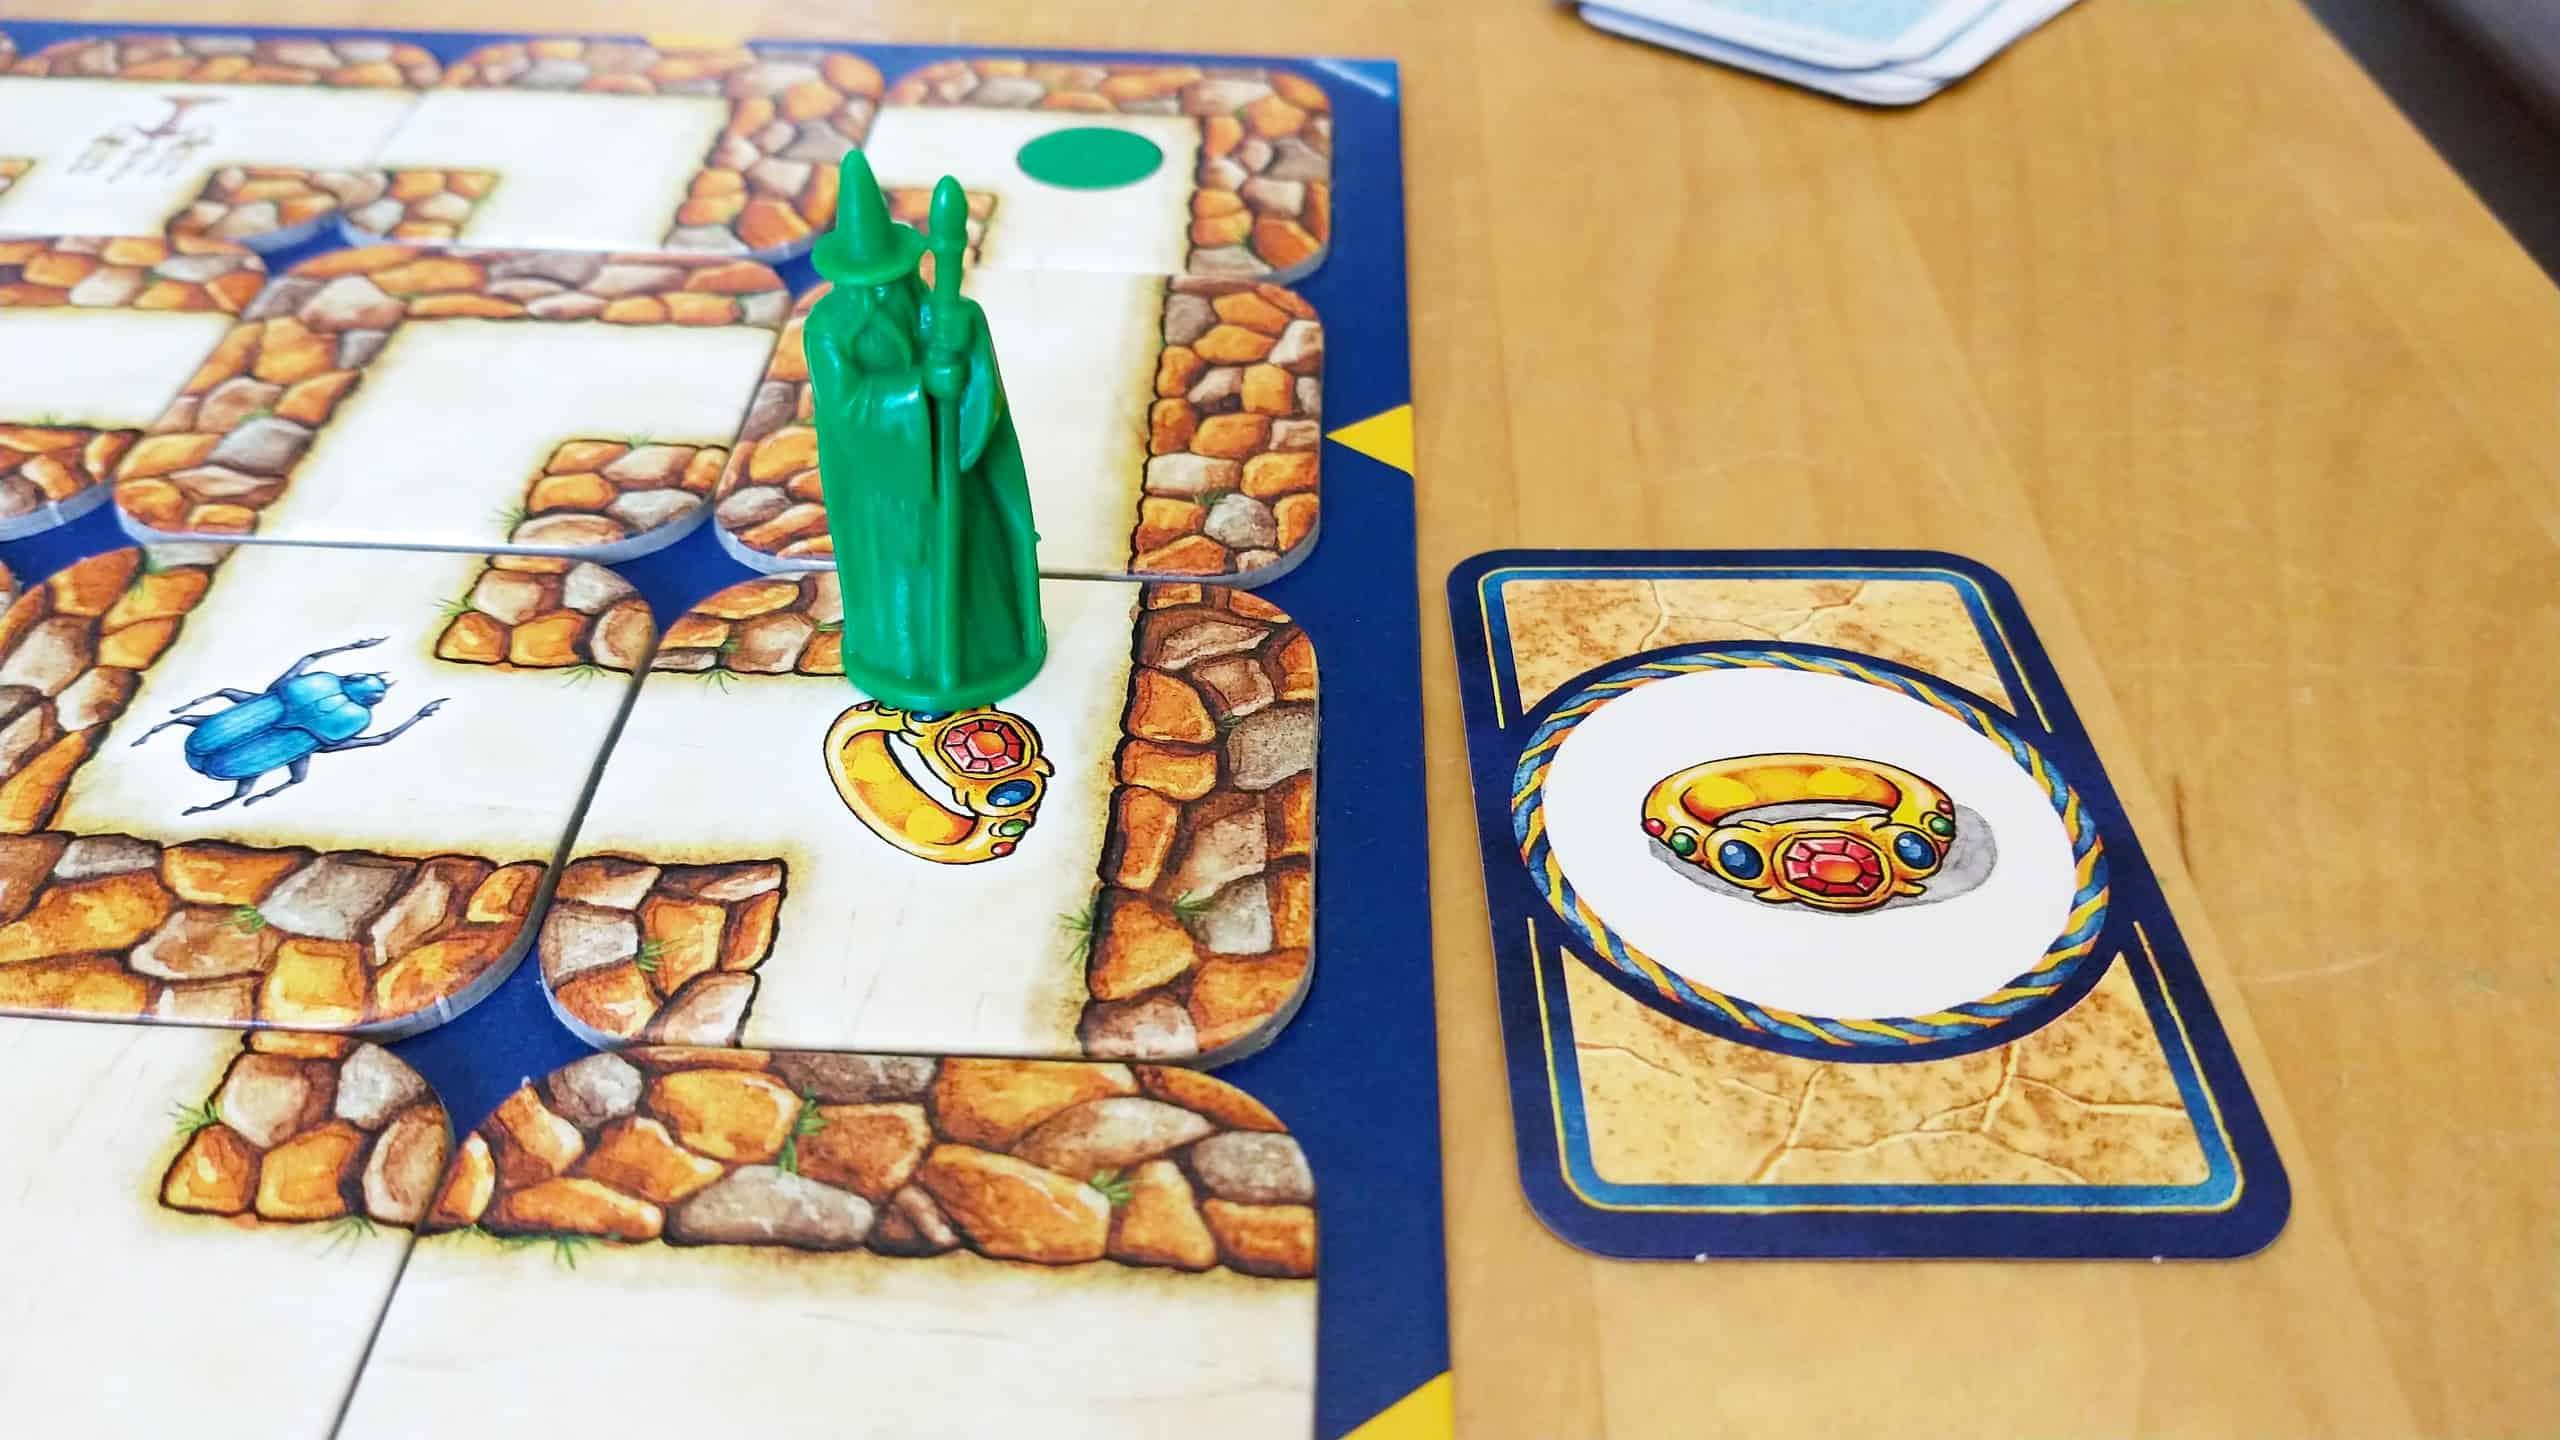 Vihreä velho sormuslaatan päällä ja sormuskortti laudan vieressä.